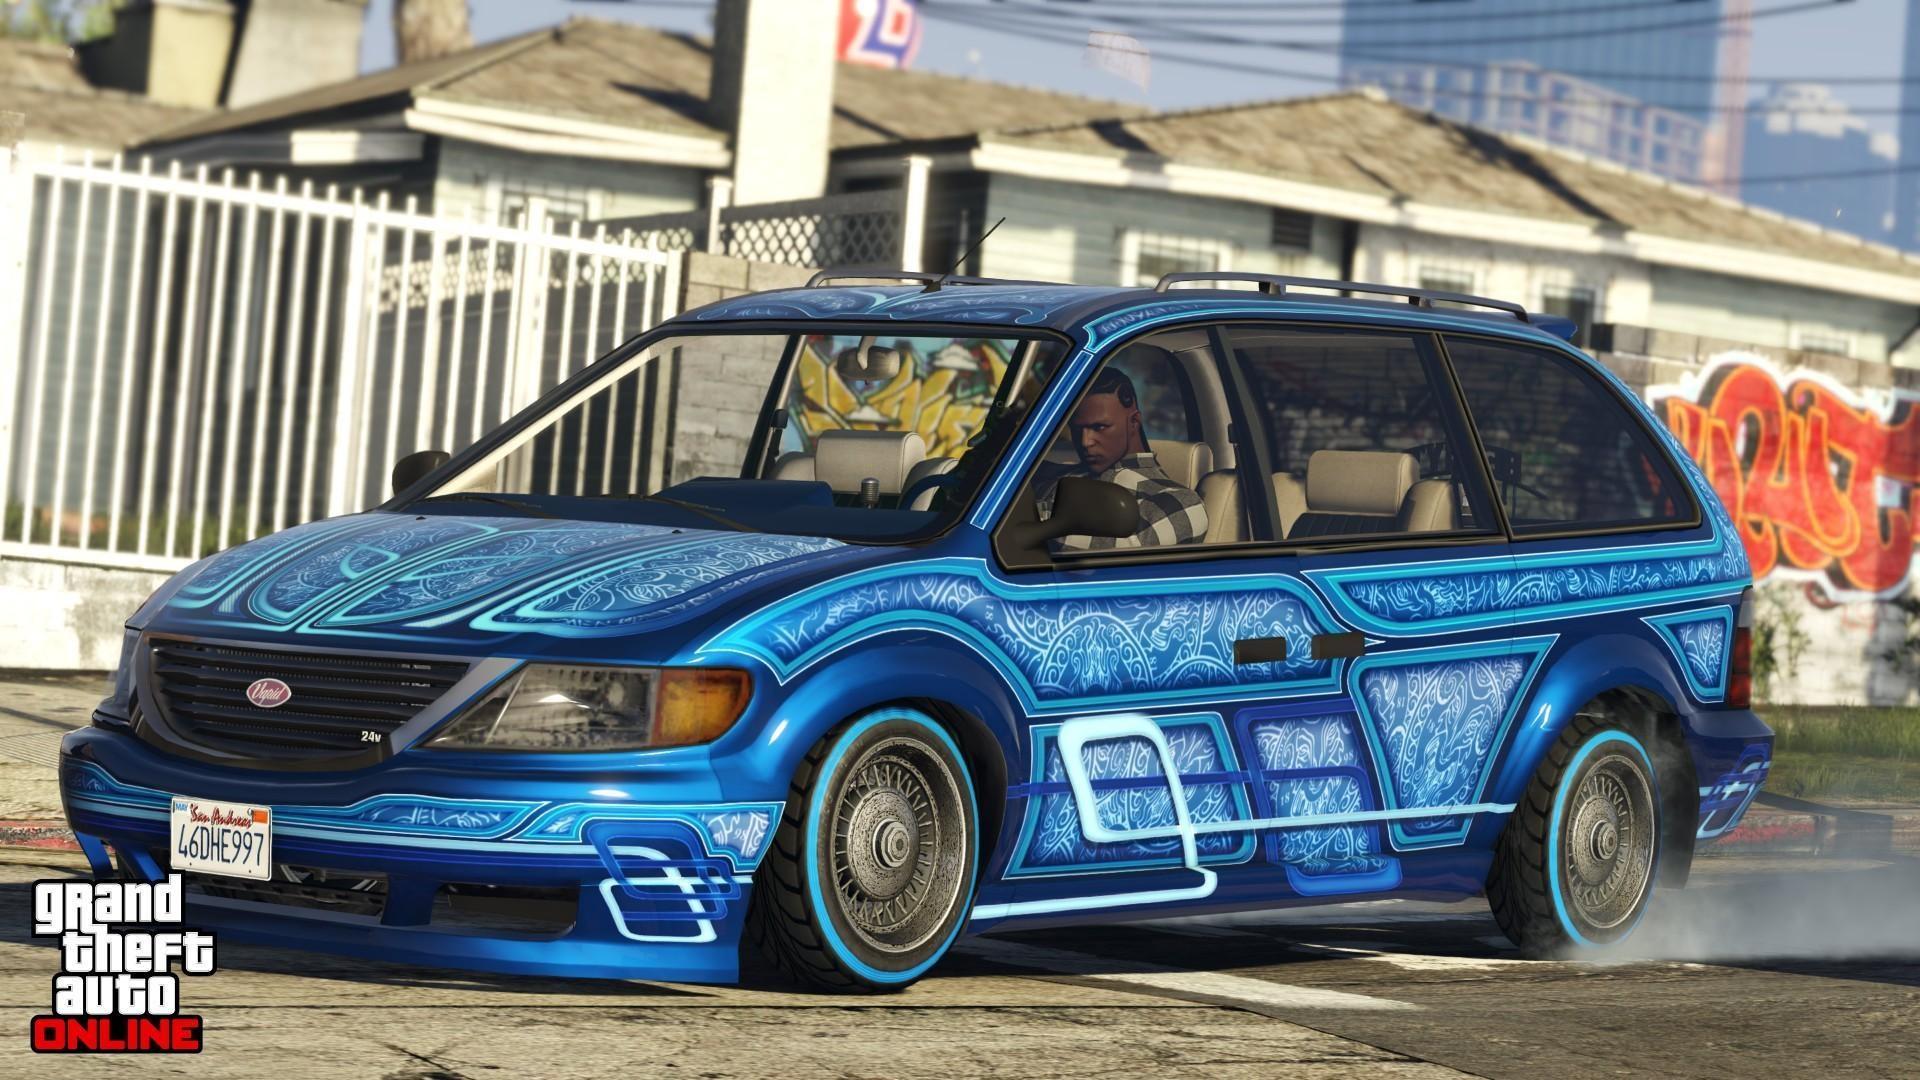 Archivo:Minivan-custom.jpg